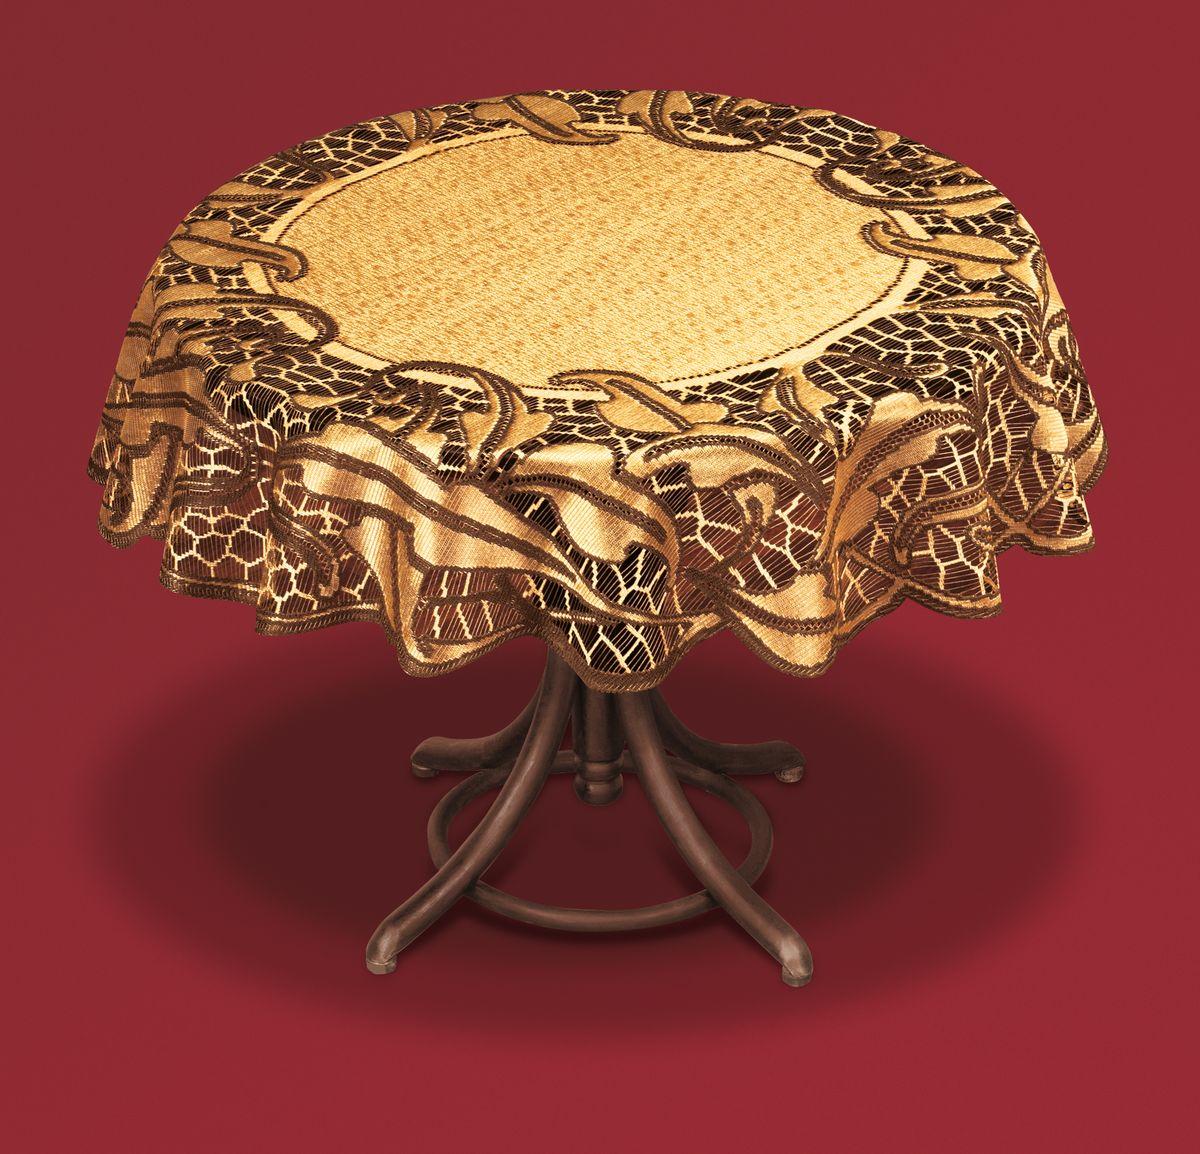 Скатерть Haft, цвет: кофейный, коричневый, диаметр 100 см. 50913-10050913-100 коричн.Великолепная круглая скатерть Haft, выполненная из полиэстера, органично впишется в интерьер любого помещения, а оригинальный дизайн удовлетворит даже самый изысканный вкус. Скатерть изготовлена из сетчатого материала с ажурным рисунком по краям. Края скатерти ажурные. Скатерть Haft создаст праздничное настроение и станет прекрасным дополнением интерьера гостиной, кухни или столовой. Диаметр скатерти: 100 см.